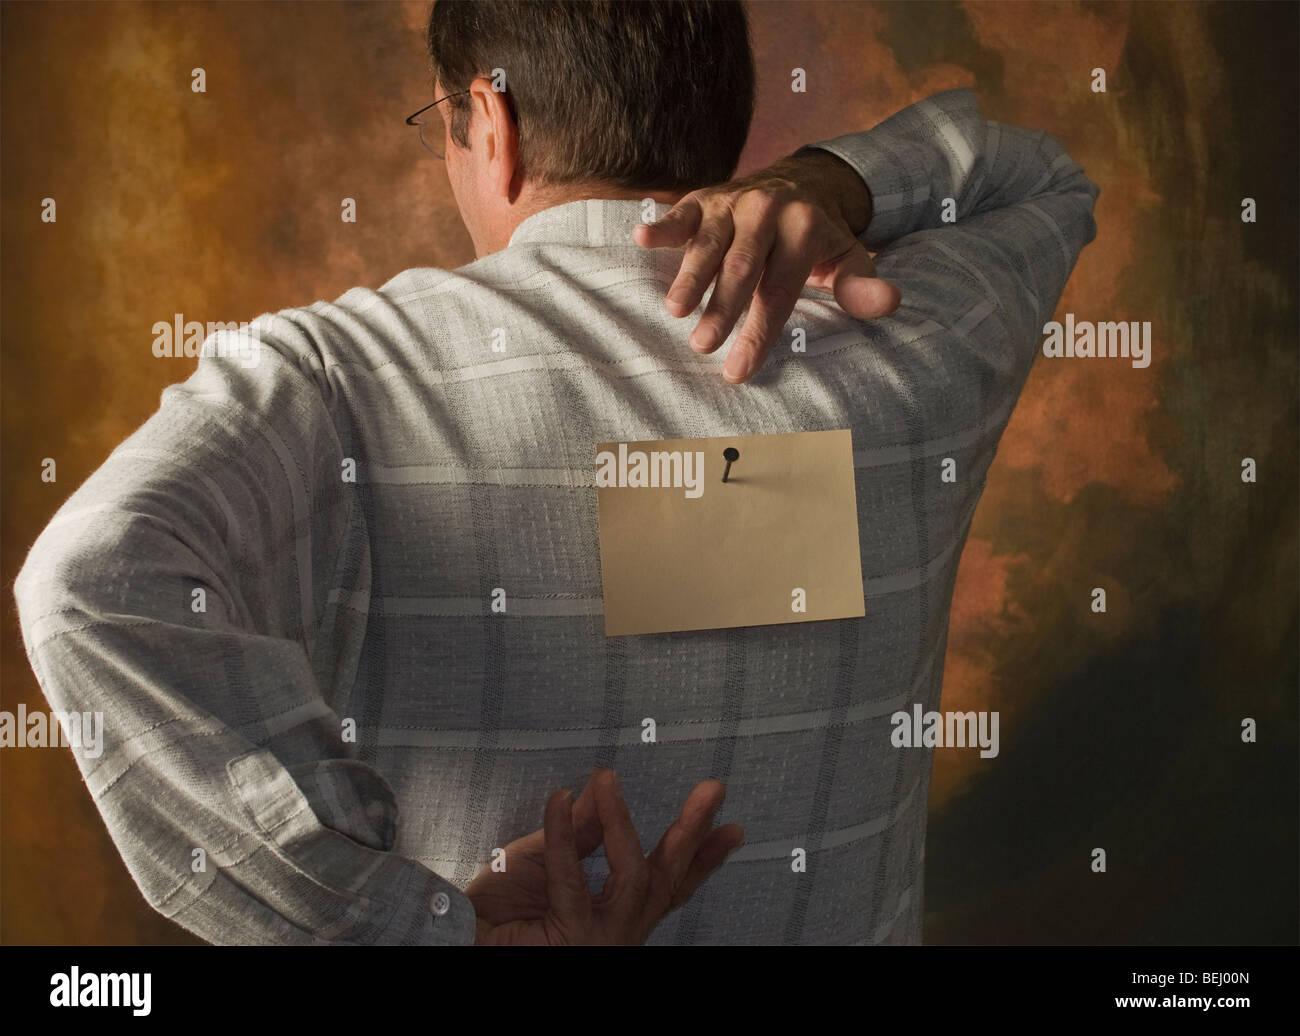 Mann Griff nach Hinweis auf seinem Rücken genagelt Stockbild